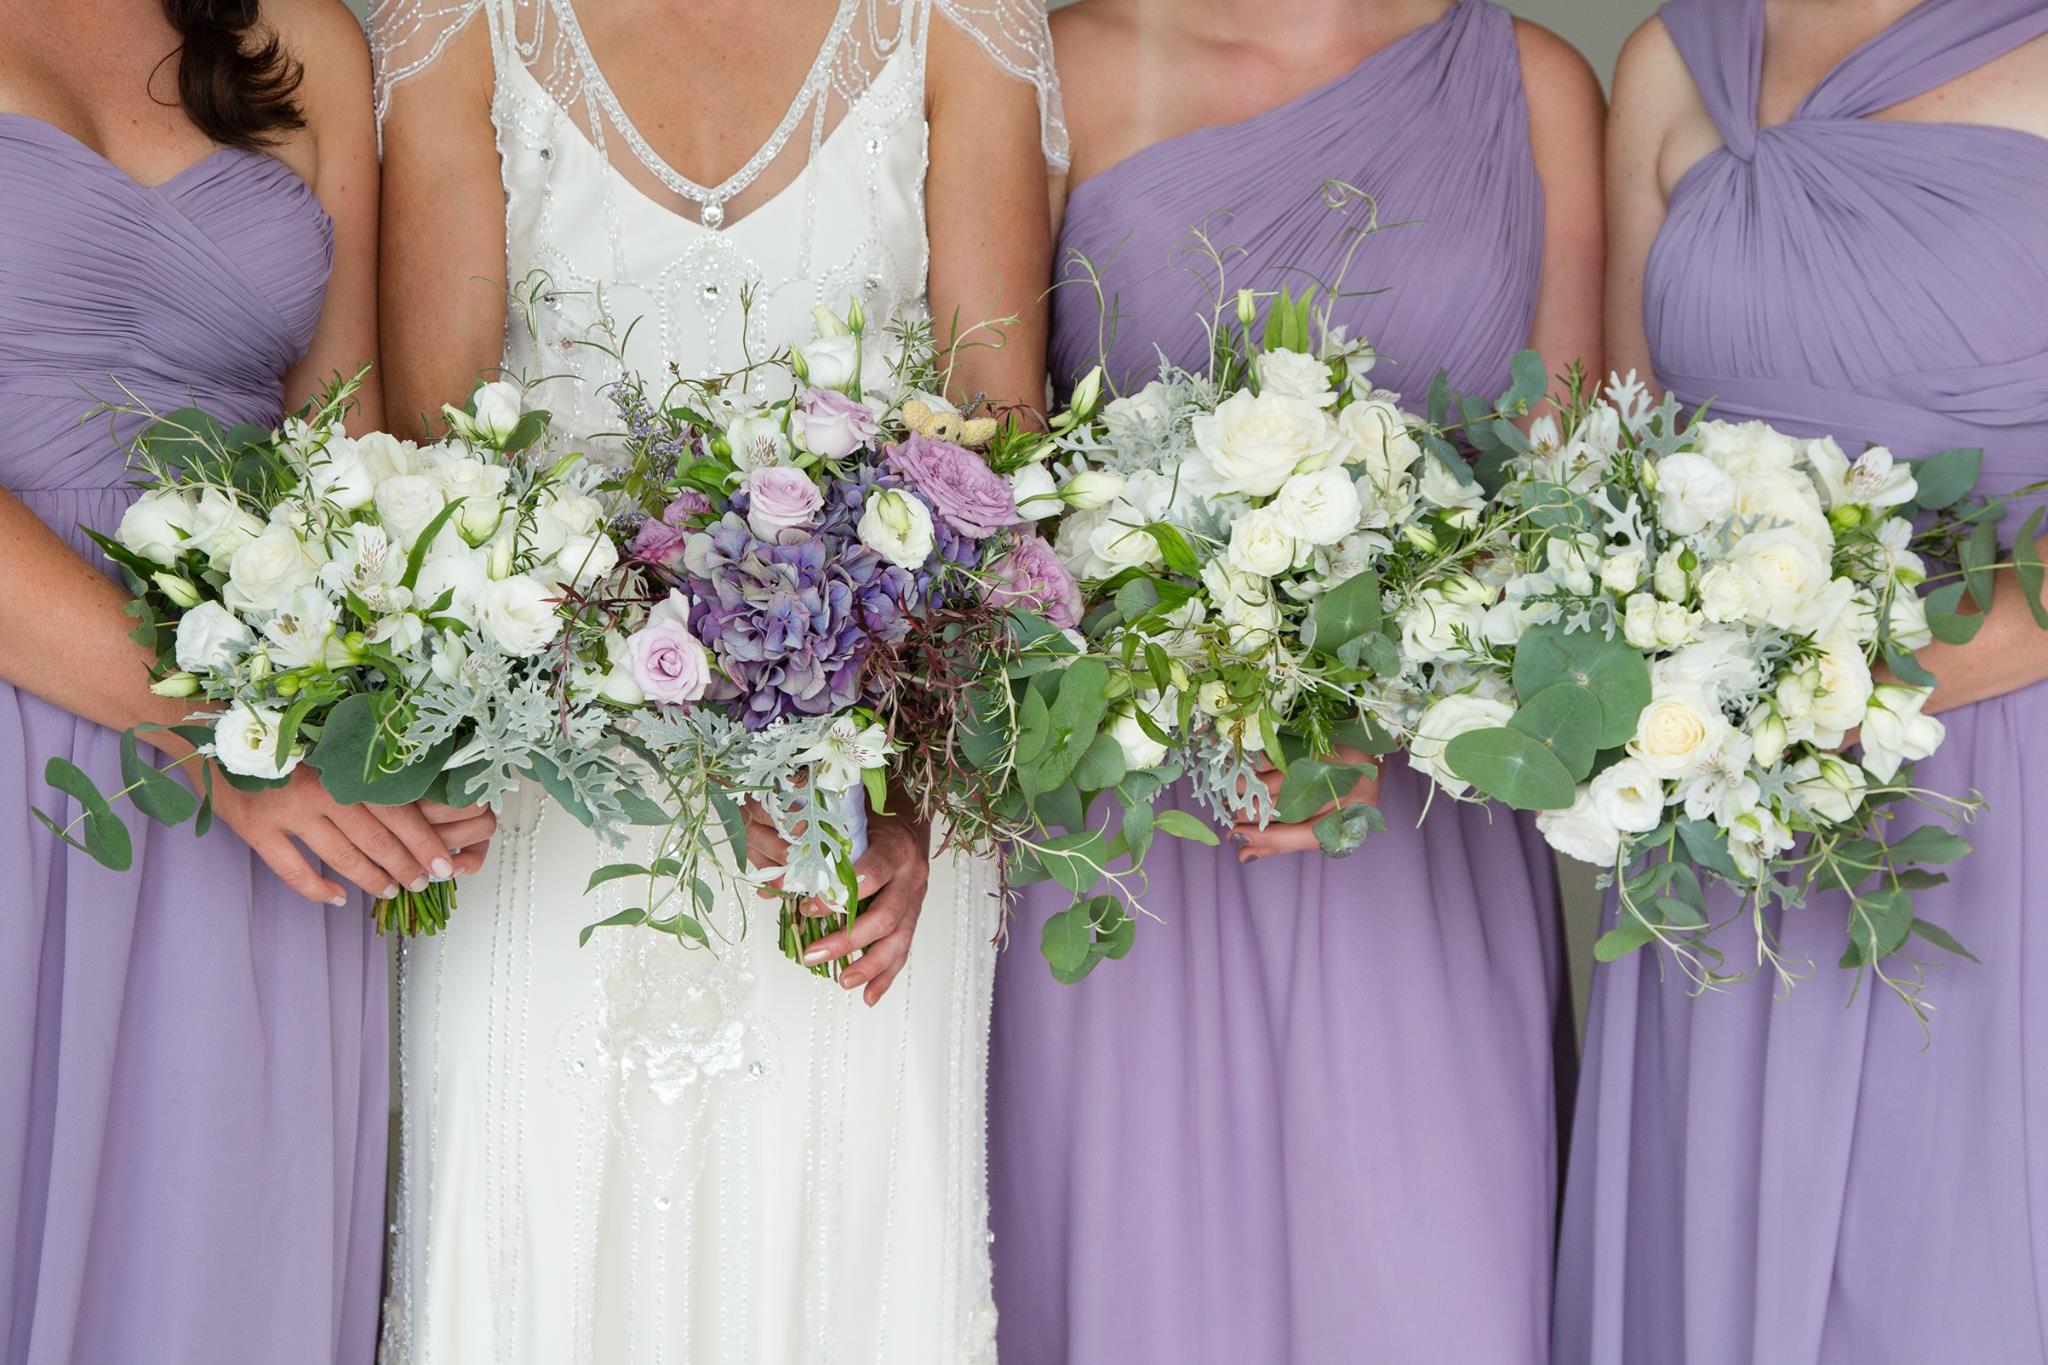 H&M Bridal Party Bouquets.jpg